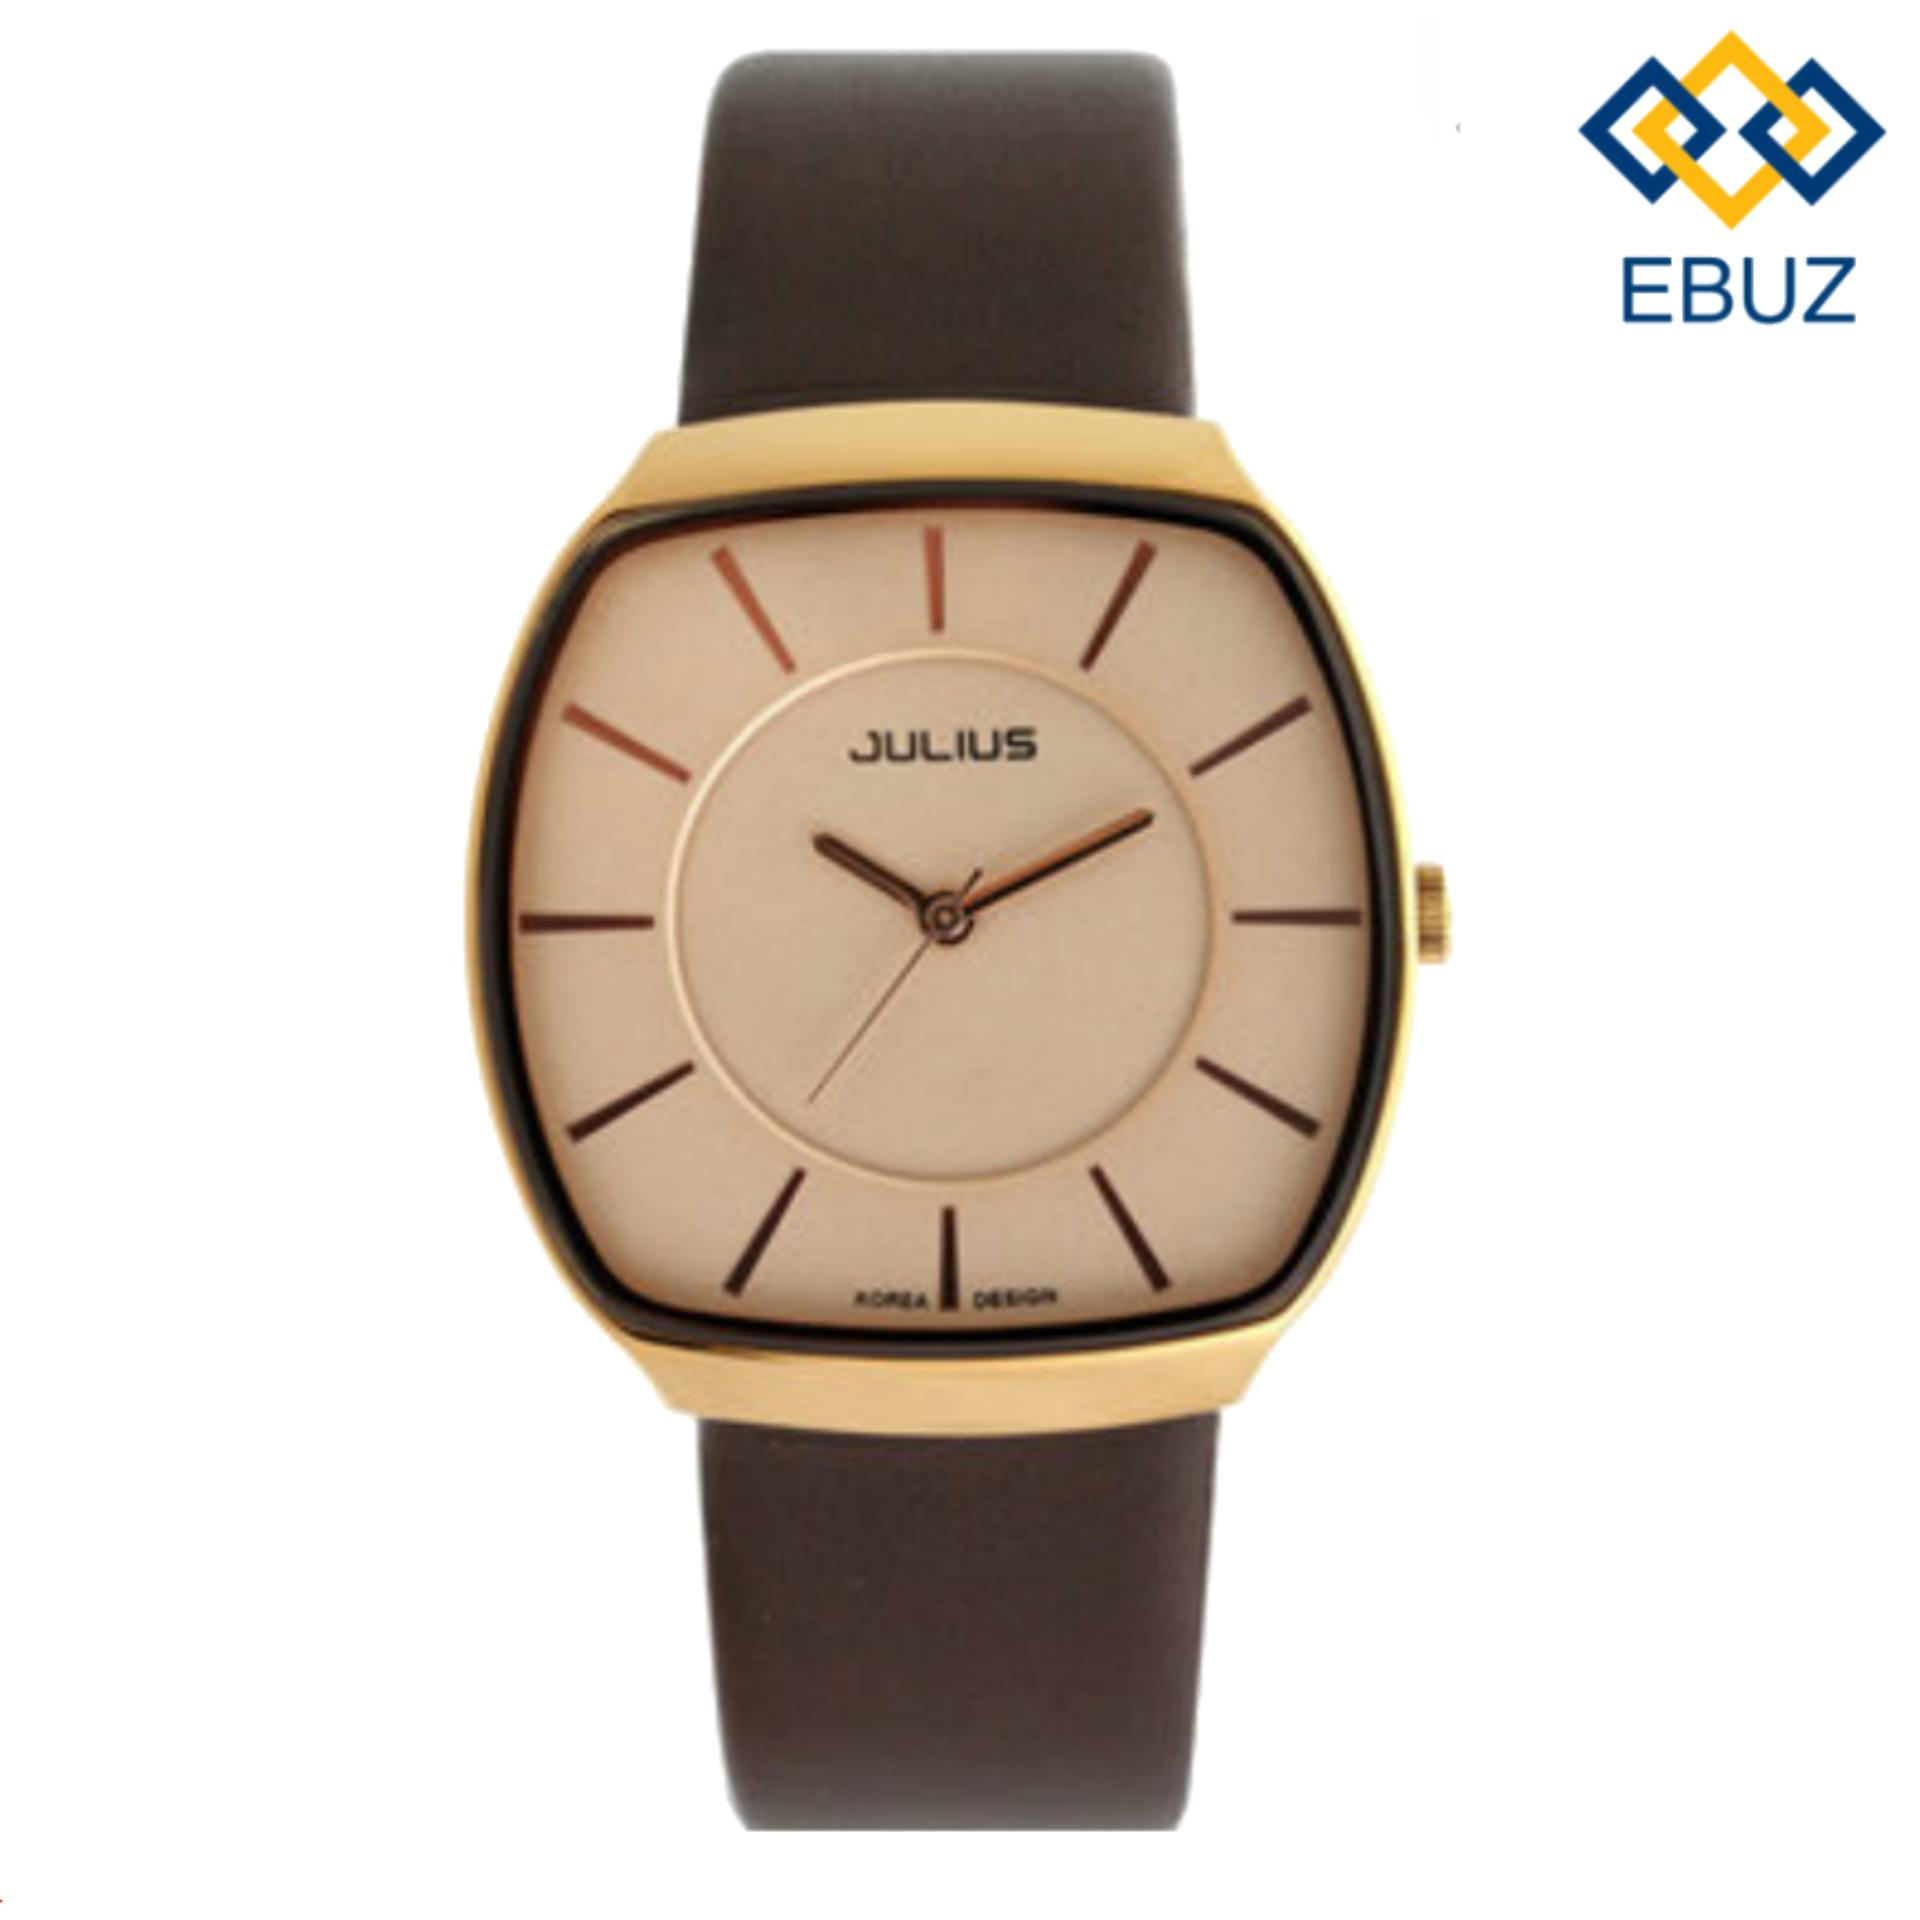 Đồng hồ nam dây da JULIUS JA669 (Nâu) + Tặng đồng hồ nam dây da EBUZ